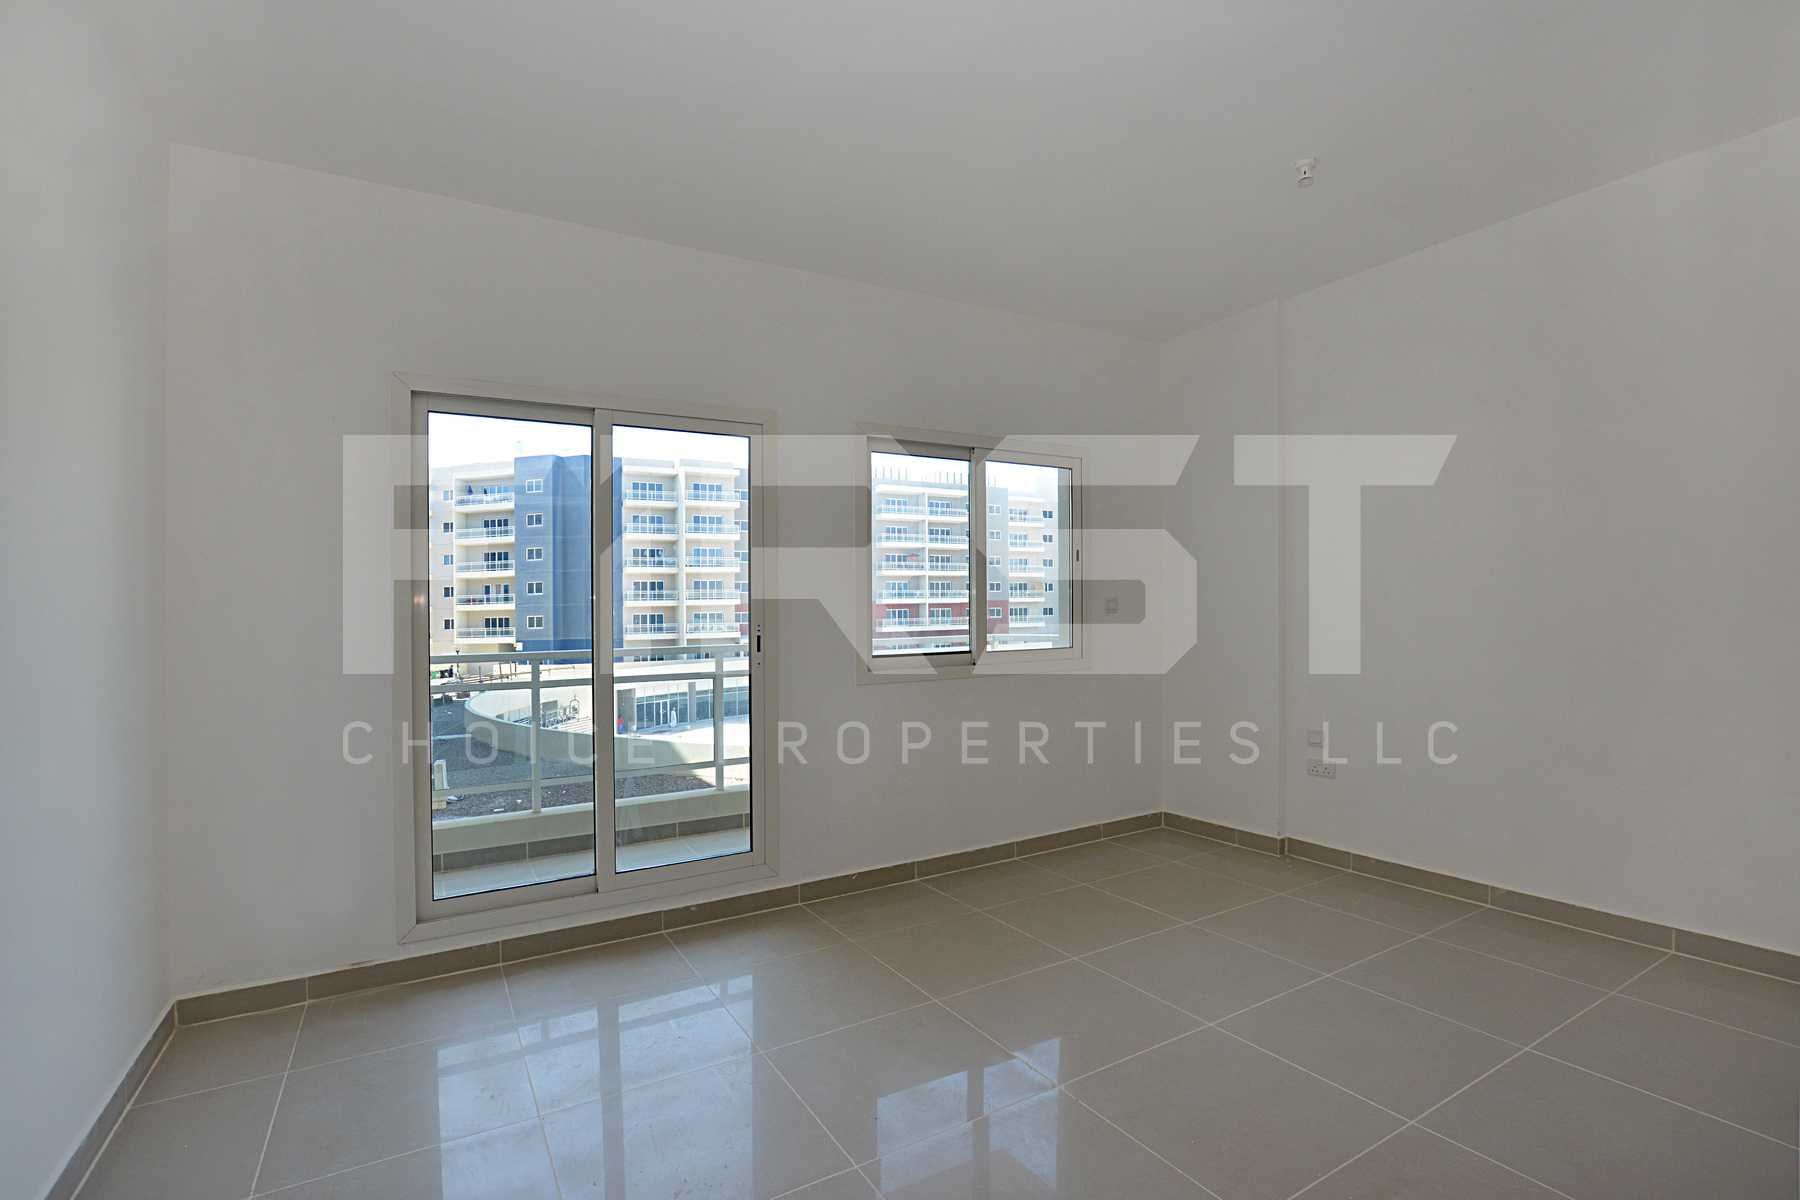 Internal Photo of Studio Apartment Type C in Al Reef Downtown Al Reef Abu Dhabi UAE 40 sq.m 426 sq.ft (1).jpg